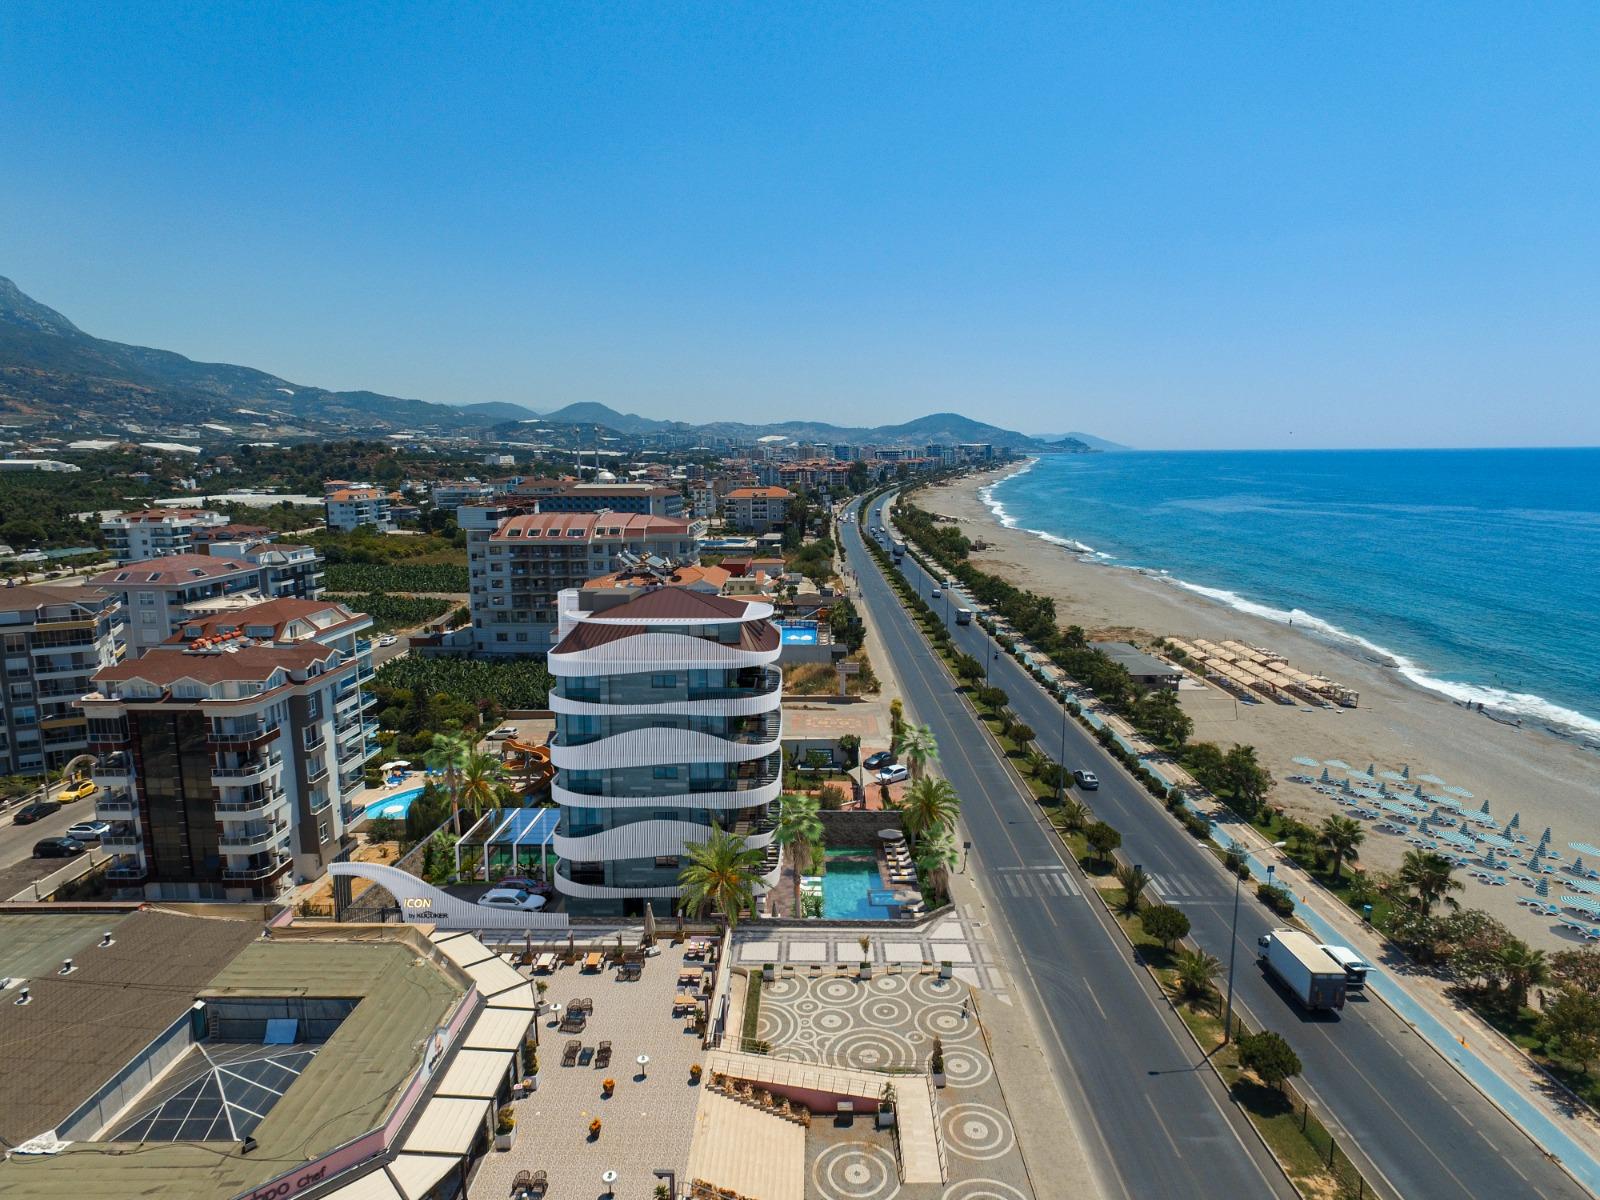 Роскошные квартиры с видом на Средиземное море в элитном районе - Фото 3